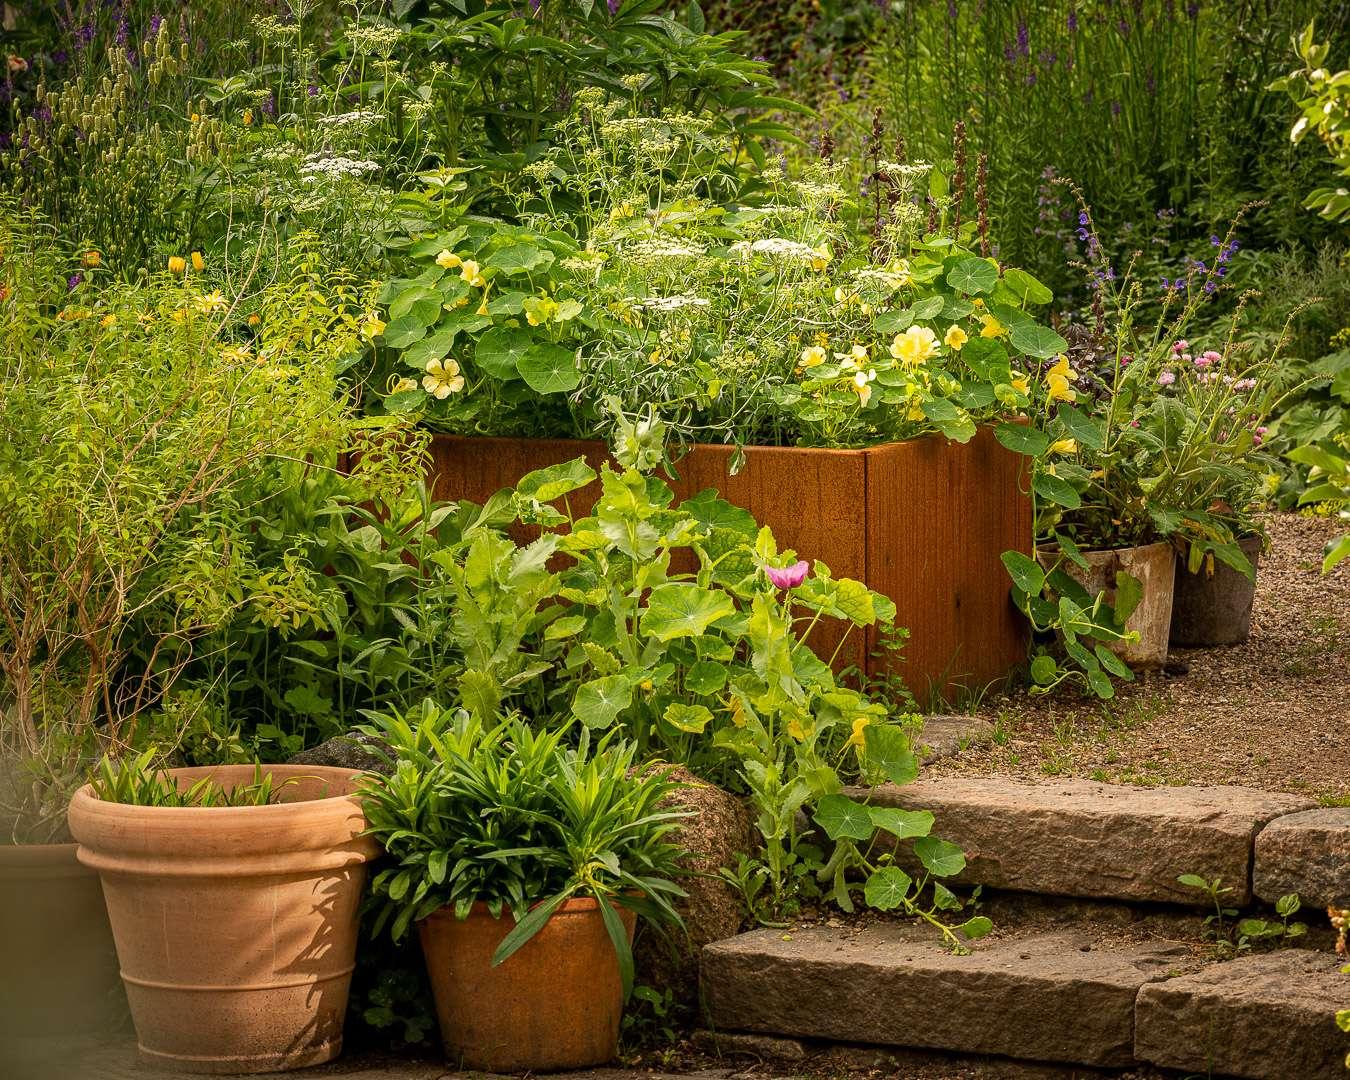 Krukker, højbede og niveauer i haven